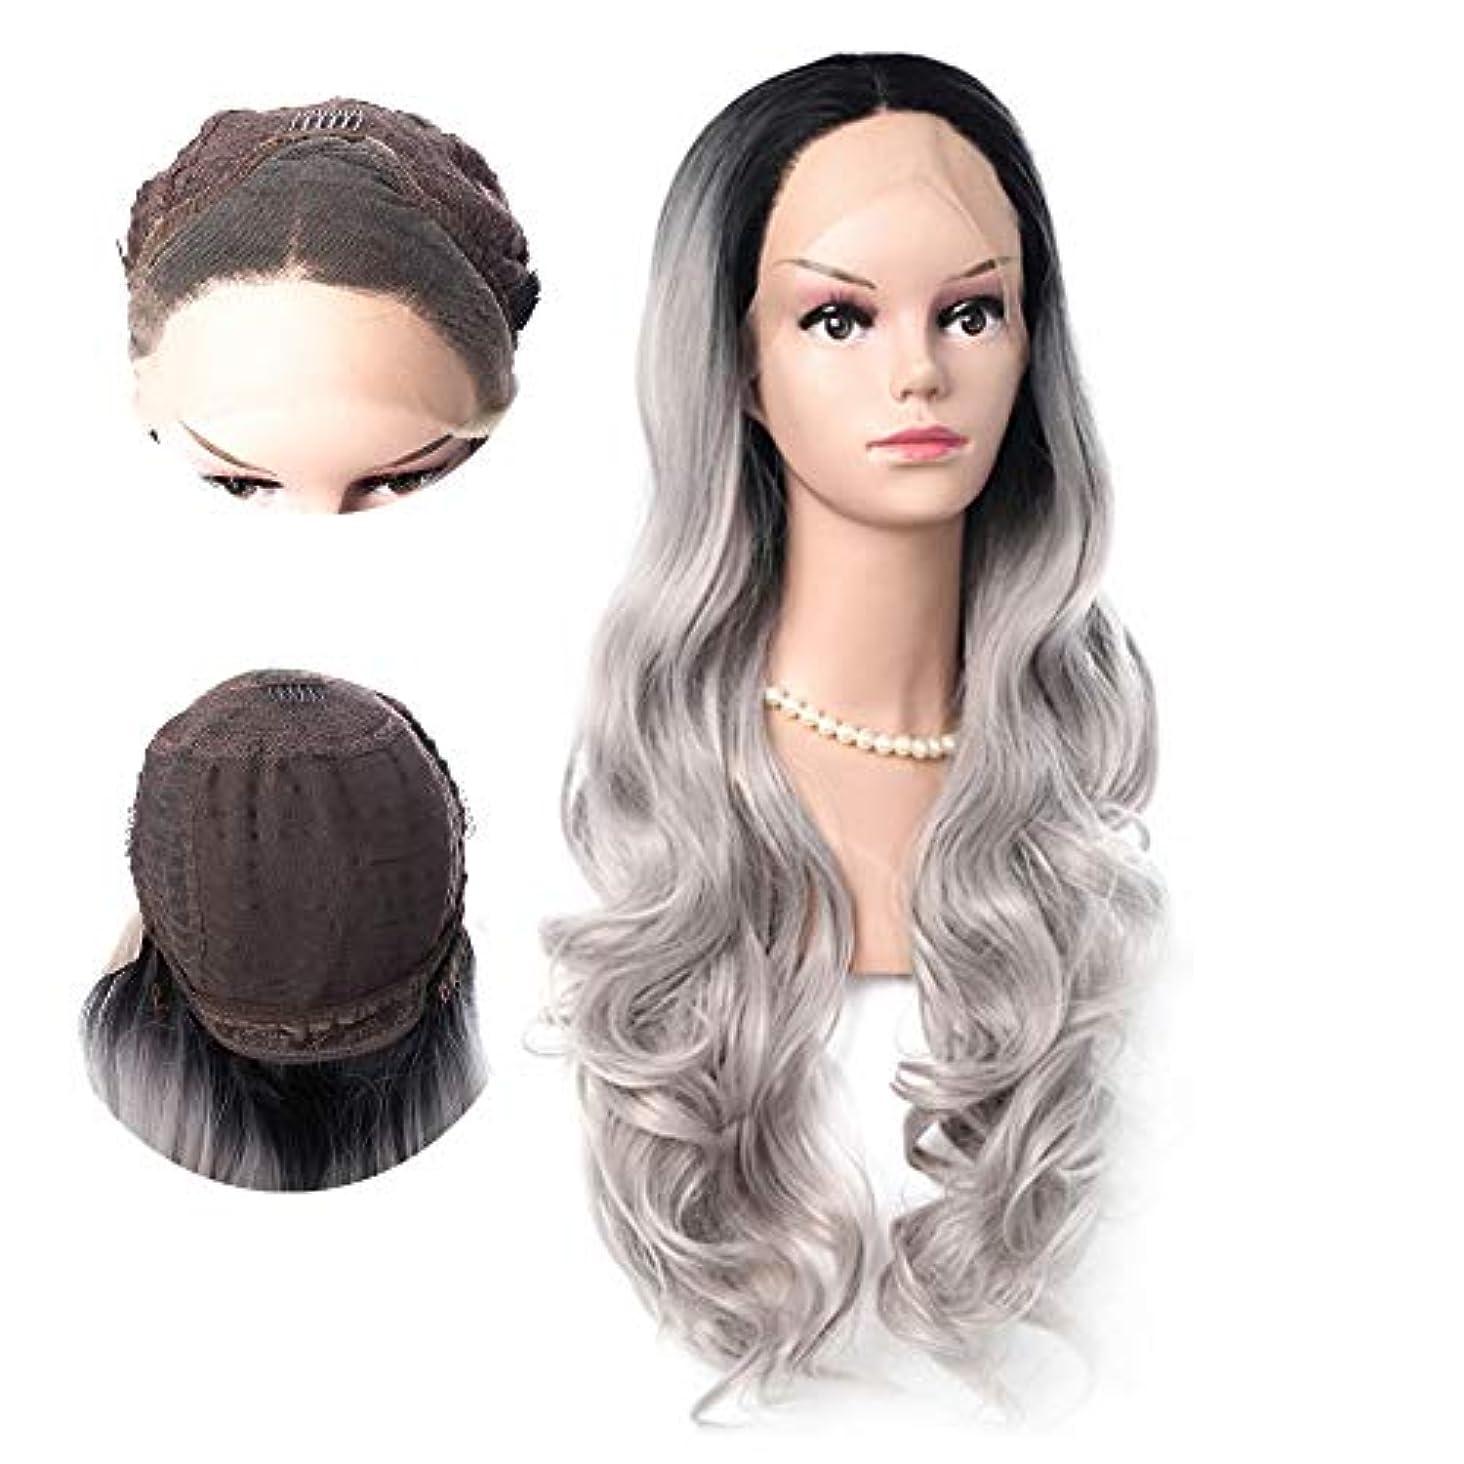 受け入れる著者アラブ人WASAIO 女性の長い巻き毛のかつらは、黒髪の自然な波状のオンブルレースフロントかつらを植えた (色 : グレー)